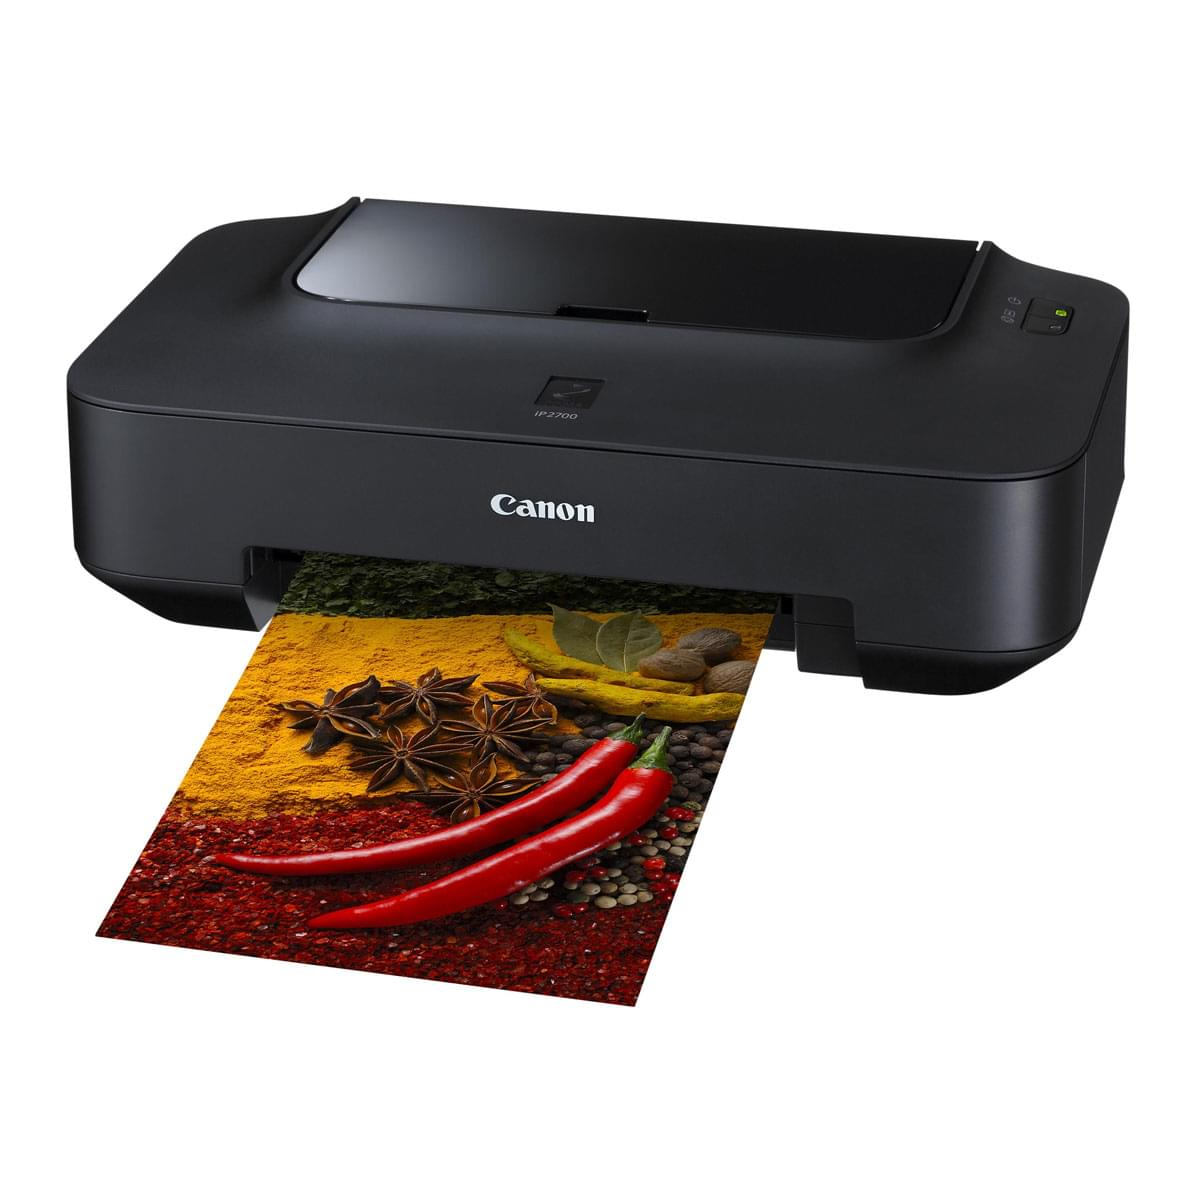 Imprimante Canon PIXMA iP2700 - Cybertek.fr - 0